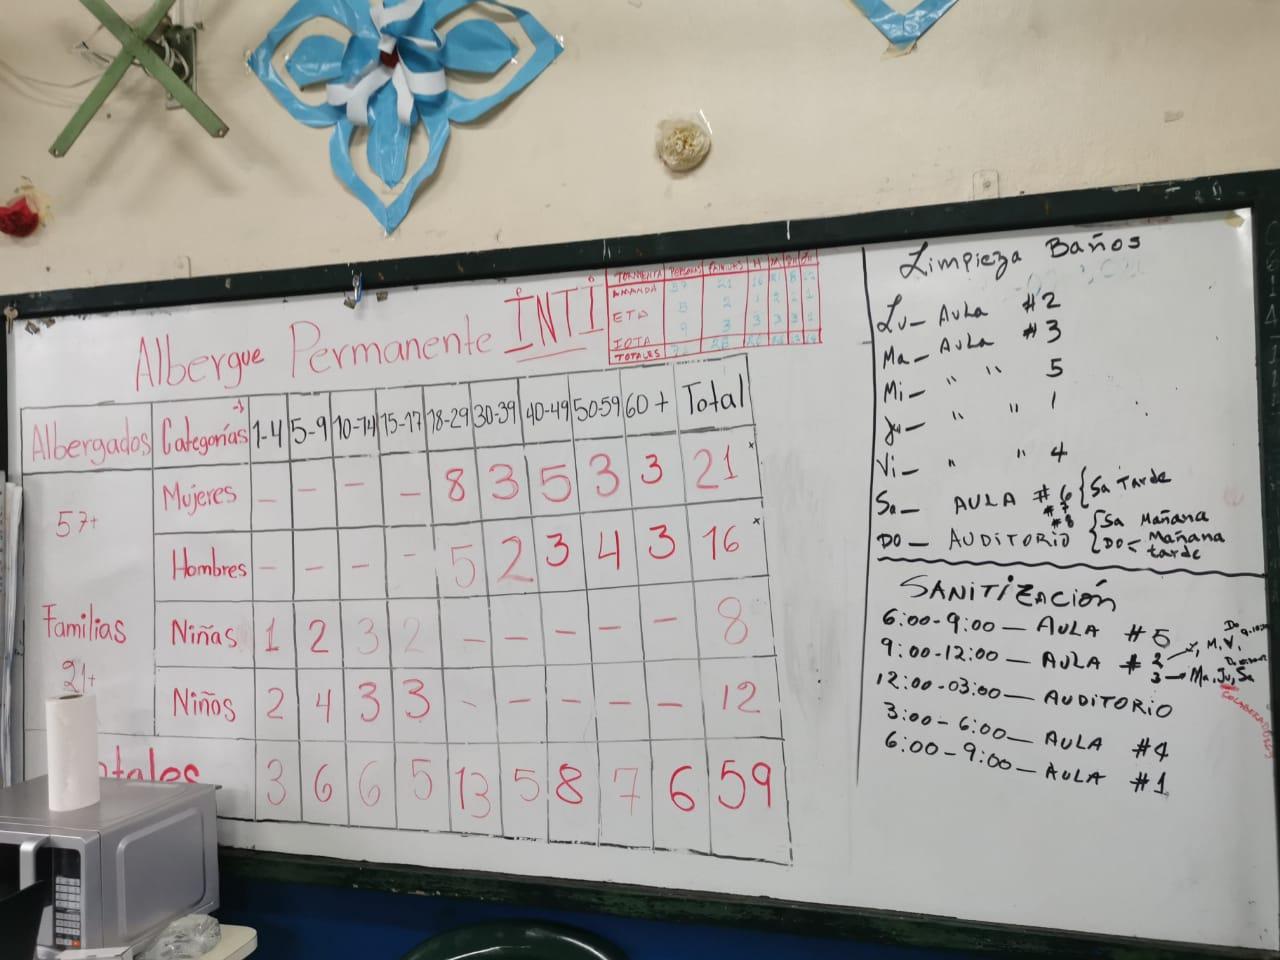 Censo dentro del Instituto Nacional Técnico Industrial sobre los albergados. Foto/Carmen Valeria Escobar